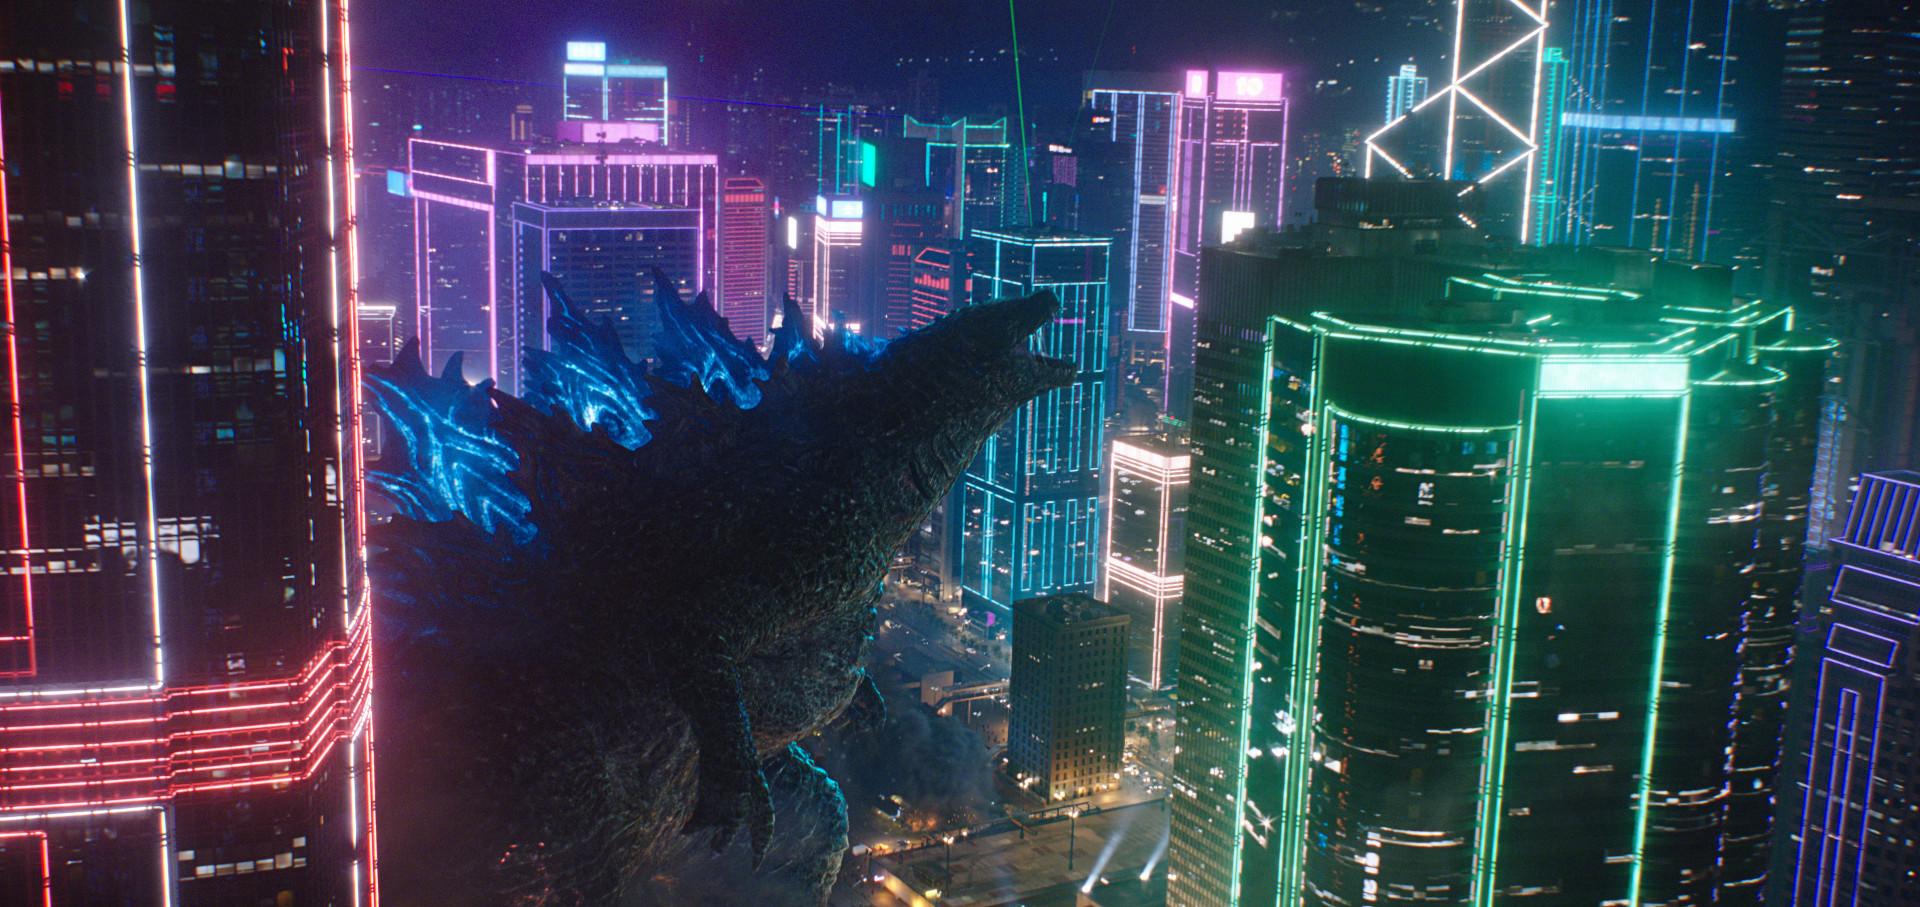 Godzilla vs Kong - visual effects by MPC